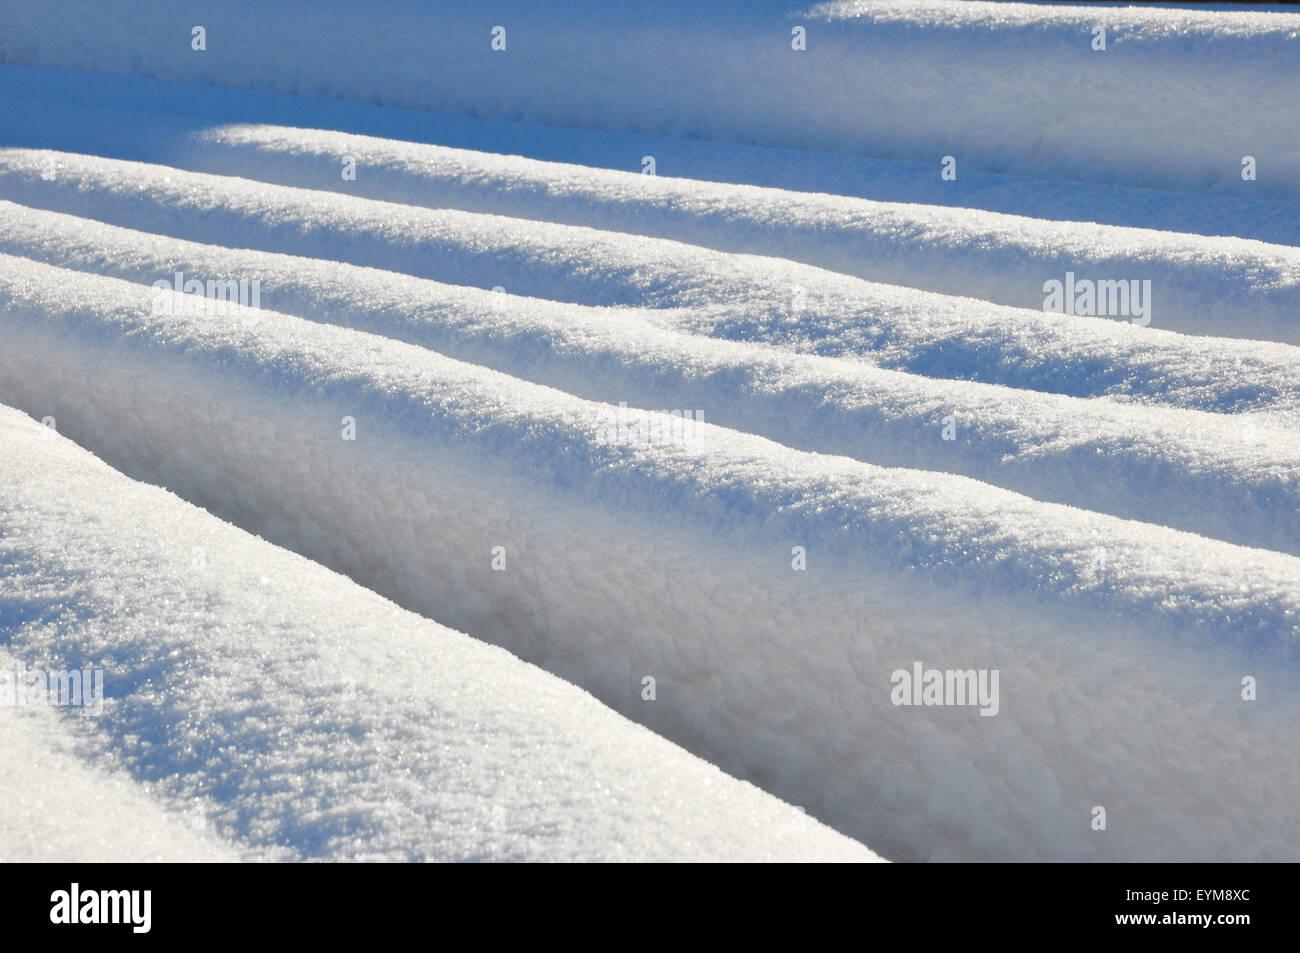 Sägewerk, Baumstämme, verschneit - Stock Image